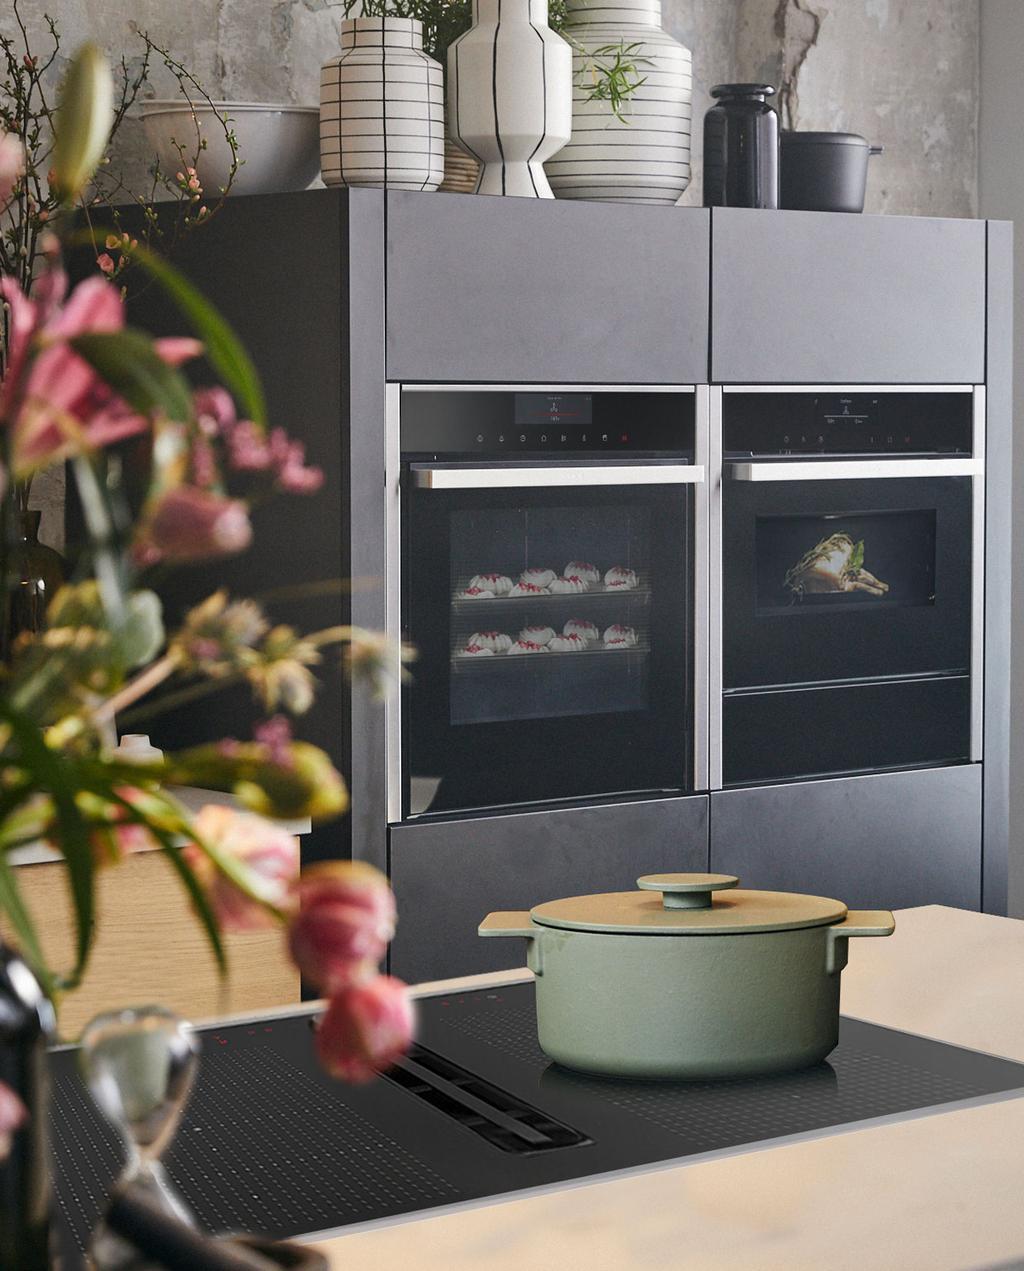 vtwonen BSH | winactie inspiratiehuis 2020 rustieke keuken met witte grafische vazen en een mintgroene pan